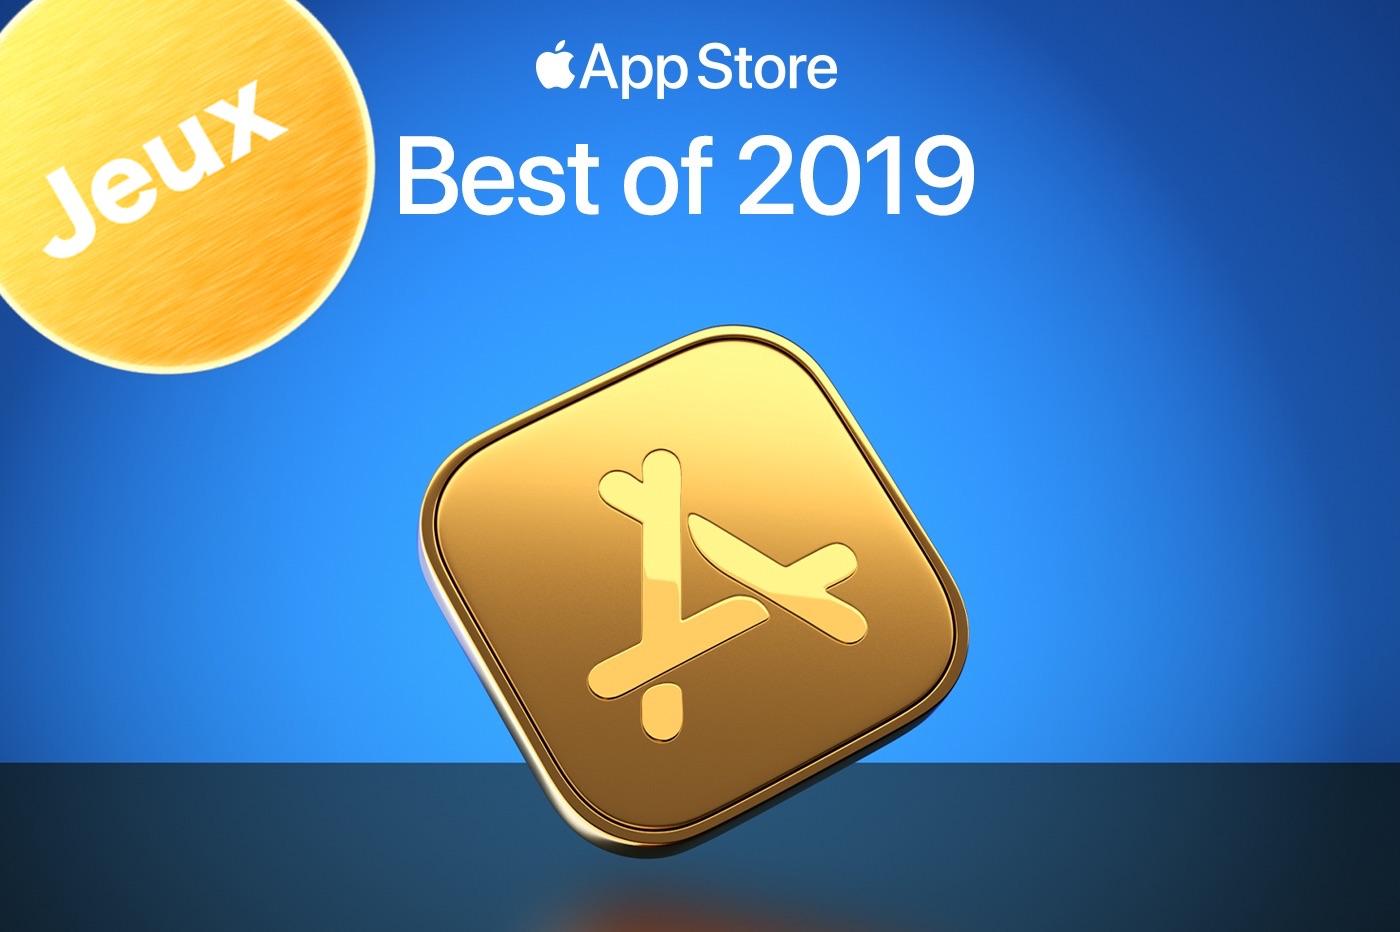 Apple best-of App Store 2019 jeux